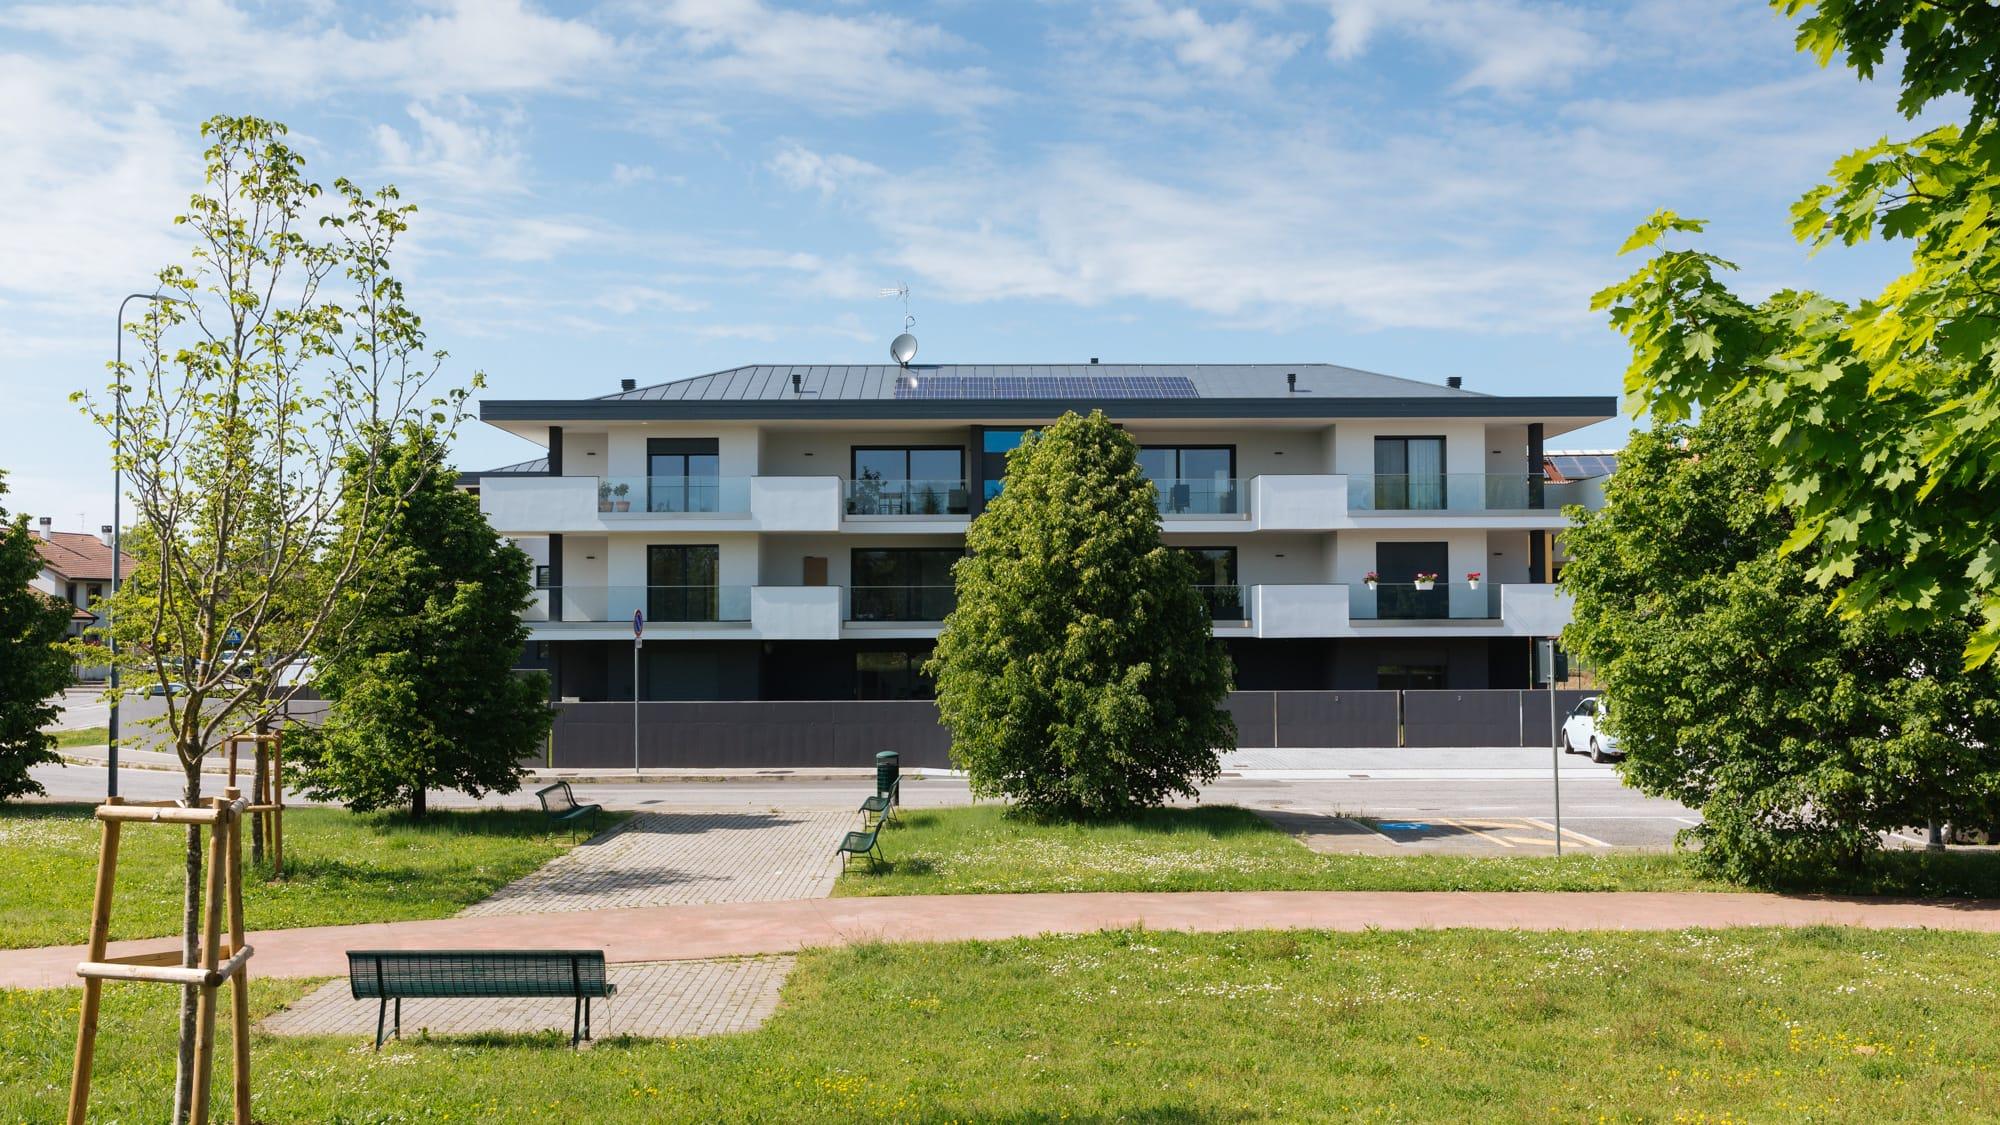 Un edificio sostenibile e rispettoso dell'ambiente costruito dall'impresa edile Del Bianco